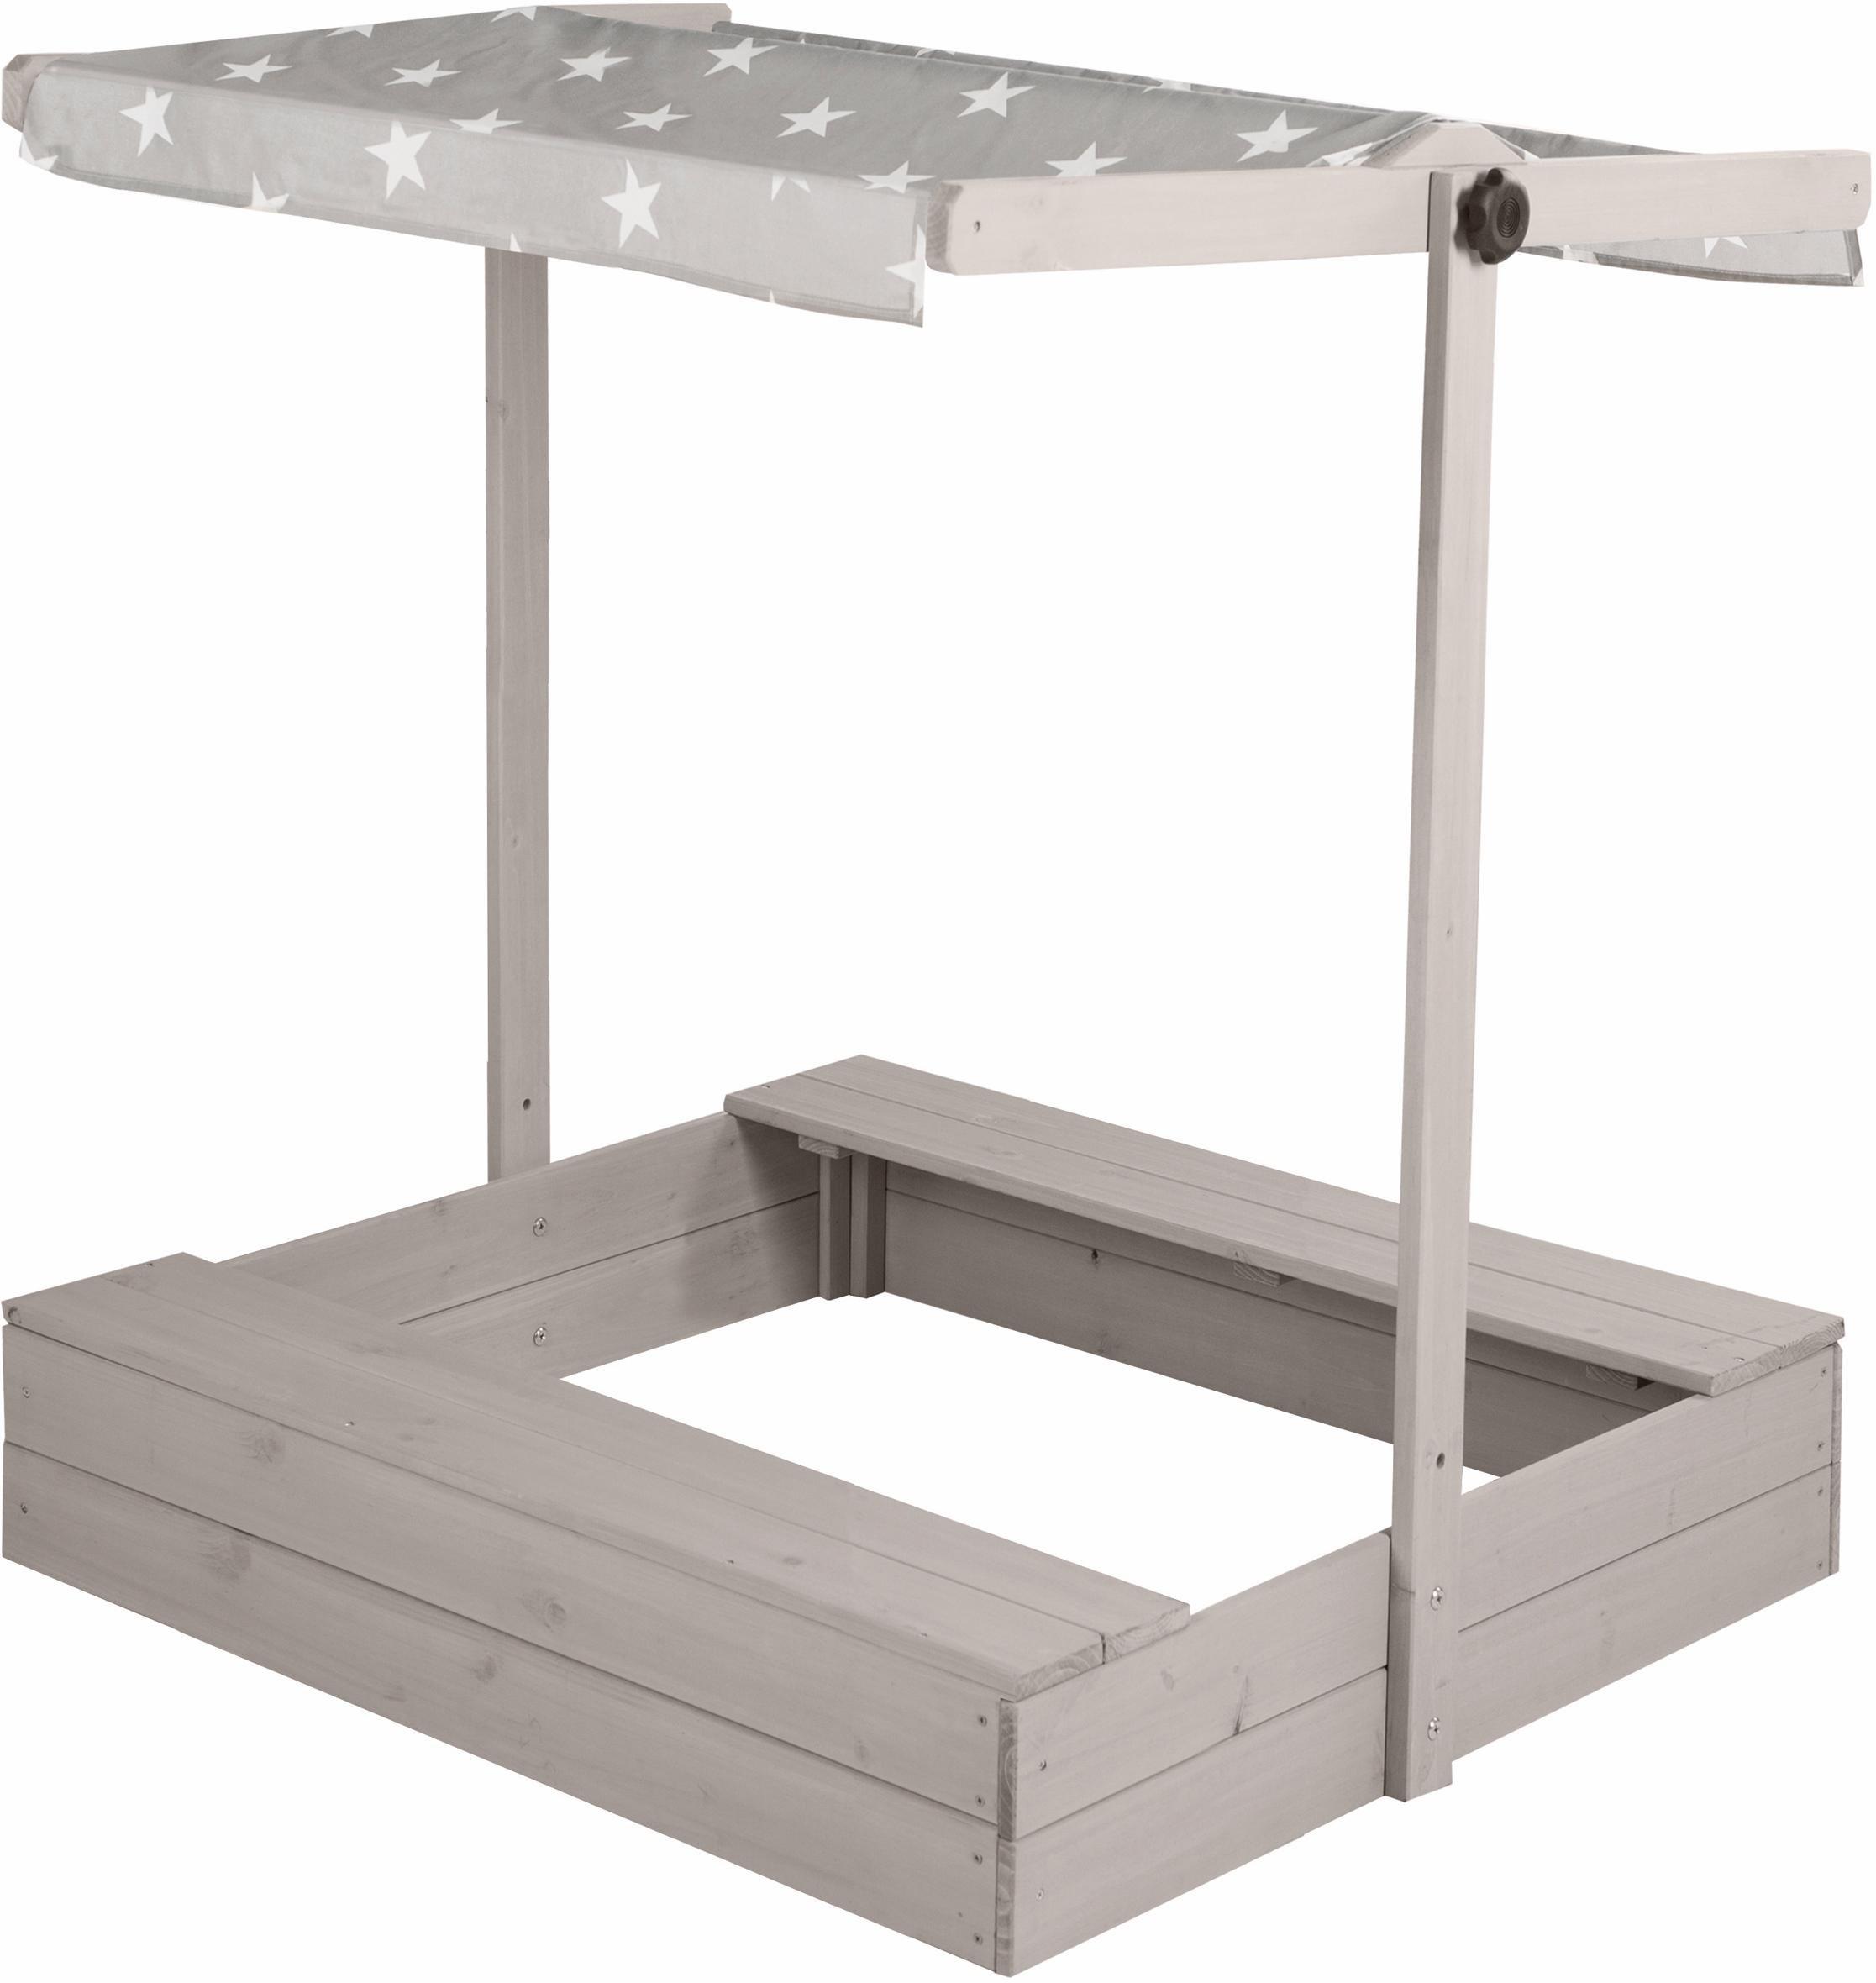 Op zoek naar een Roba zandbak met dak, bxd: ca. 98x98 cm? Koop online bij OTTO